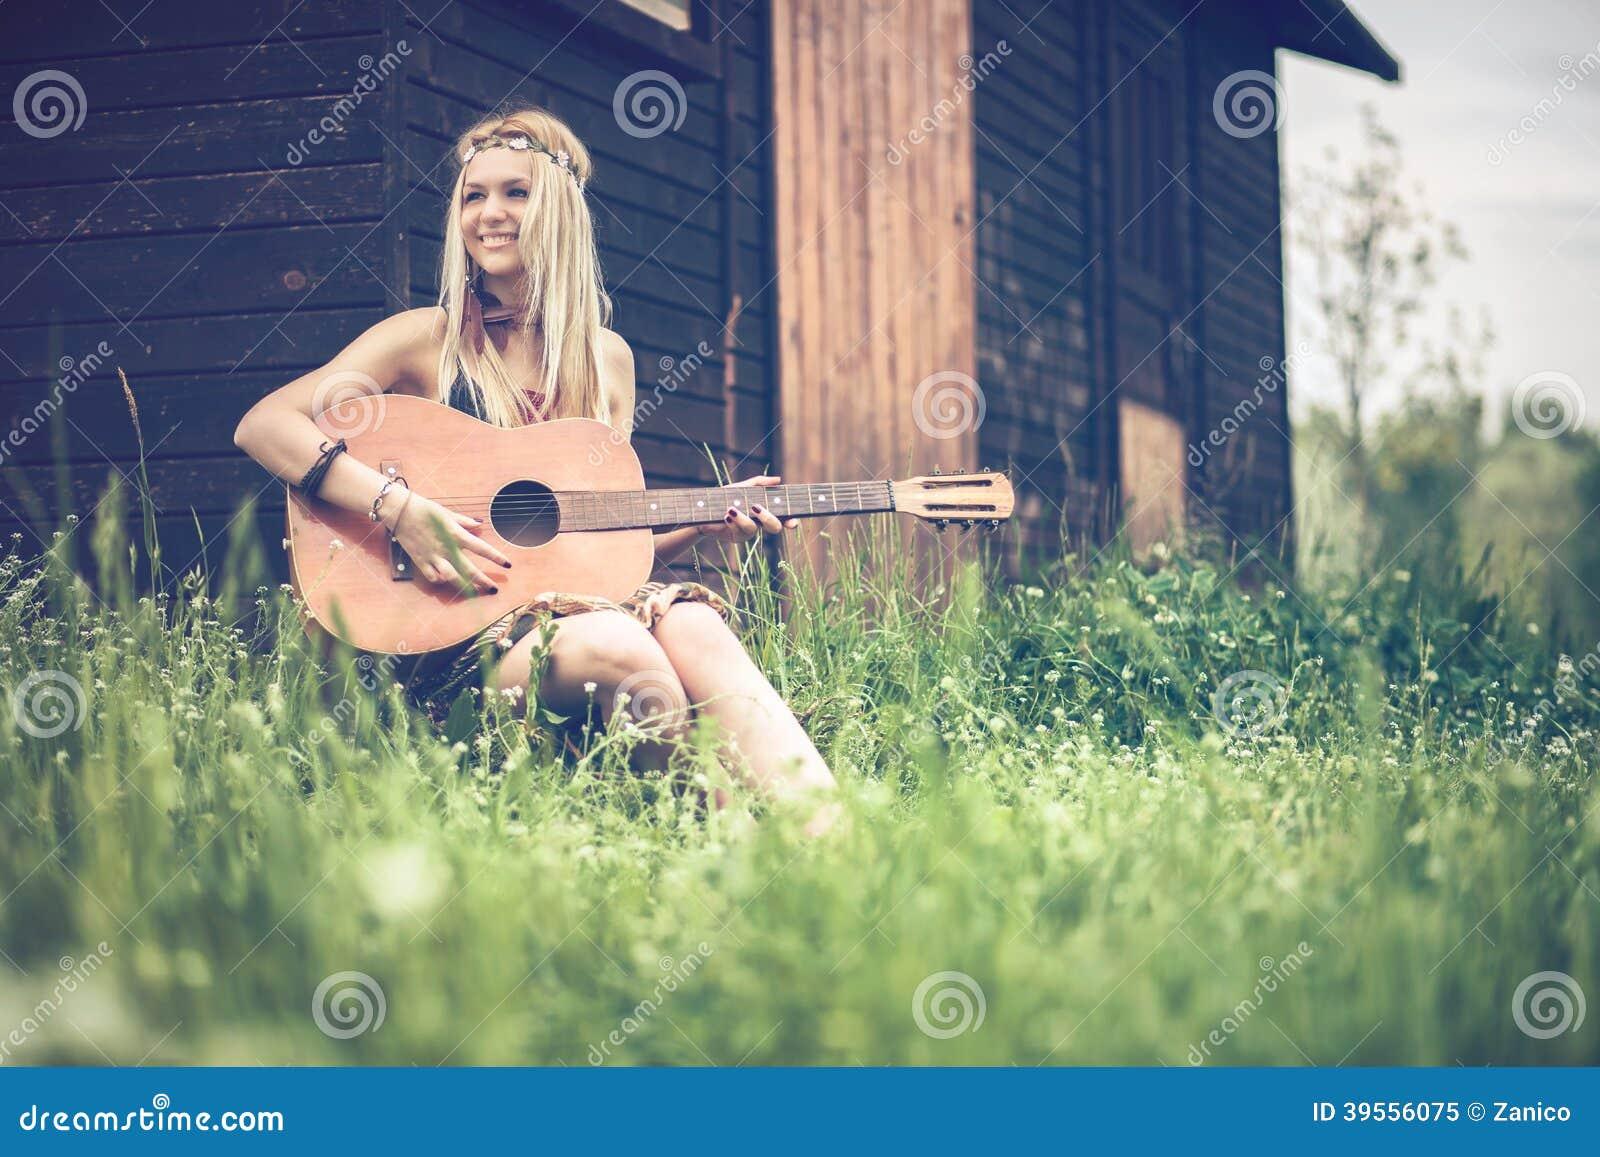 Фото девушек хиппи голых, Старые хиппи ебутся в переулке порно фото бесплатно 24 фотография